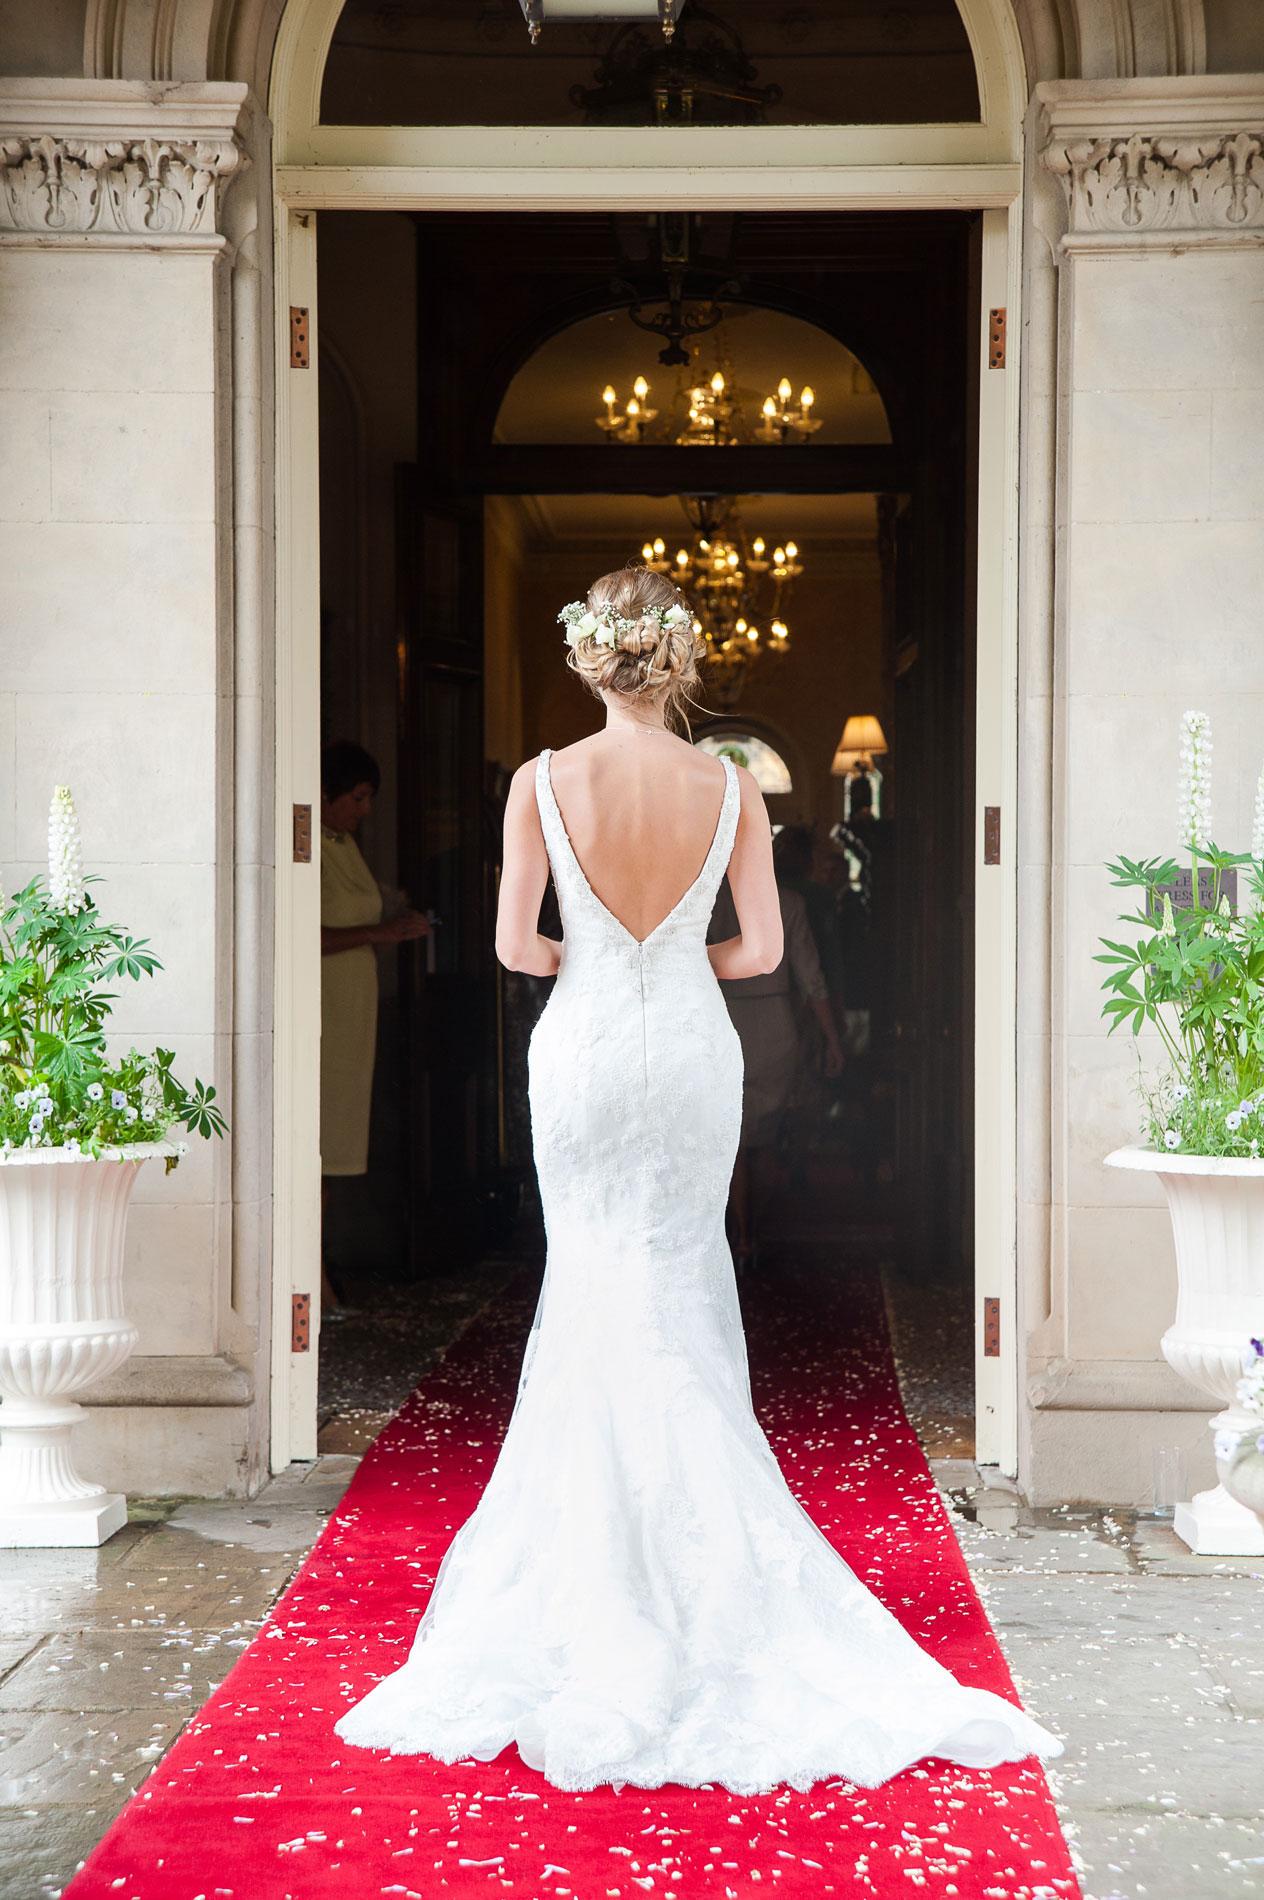 Kilworth-weddings-_51.jpg